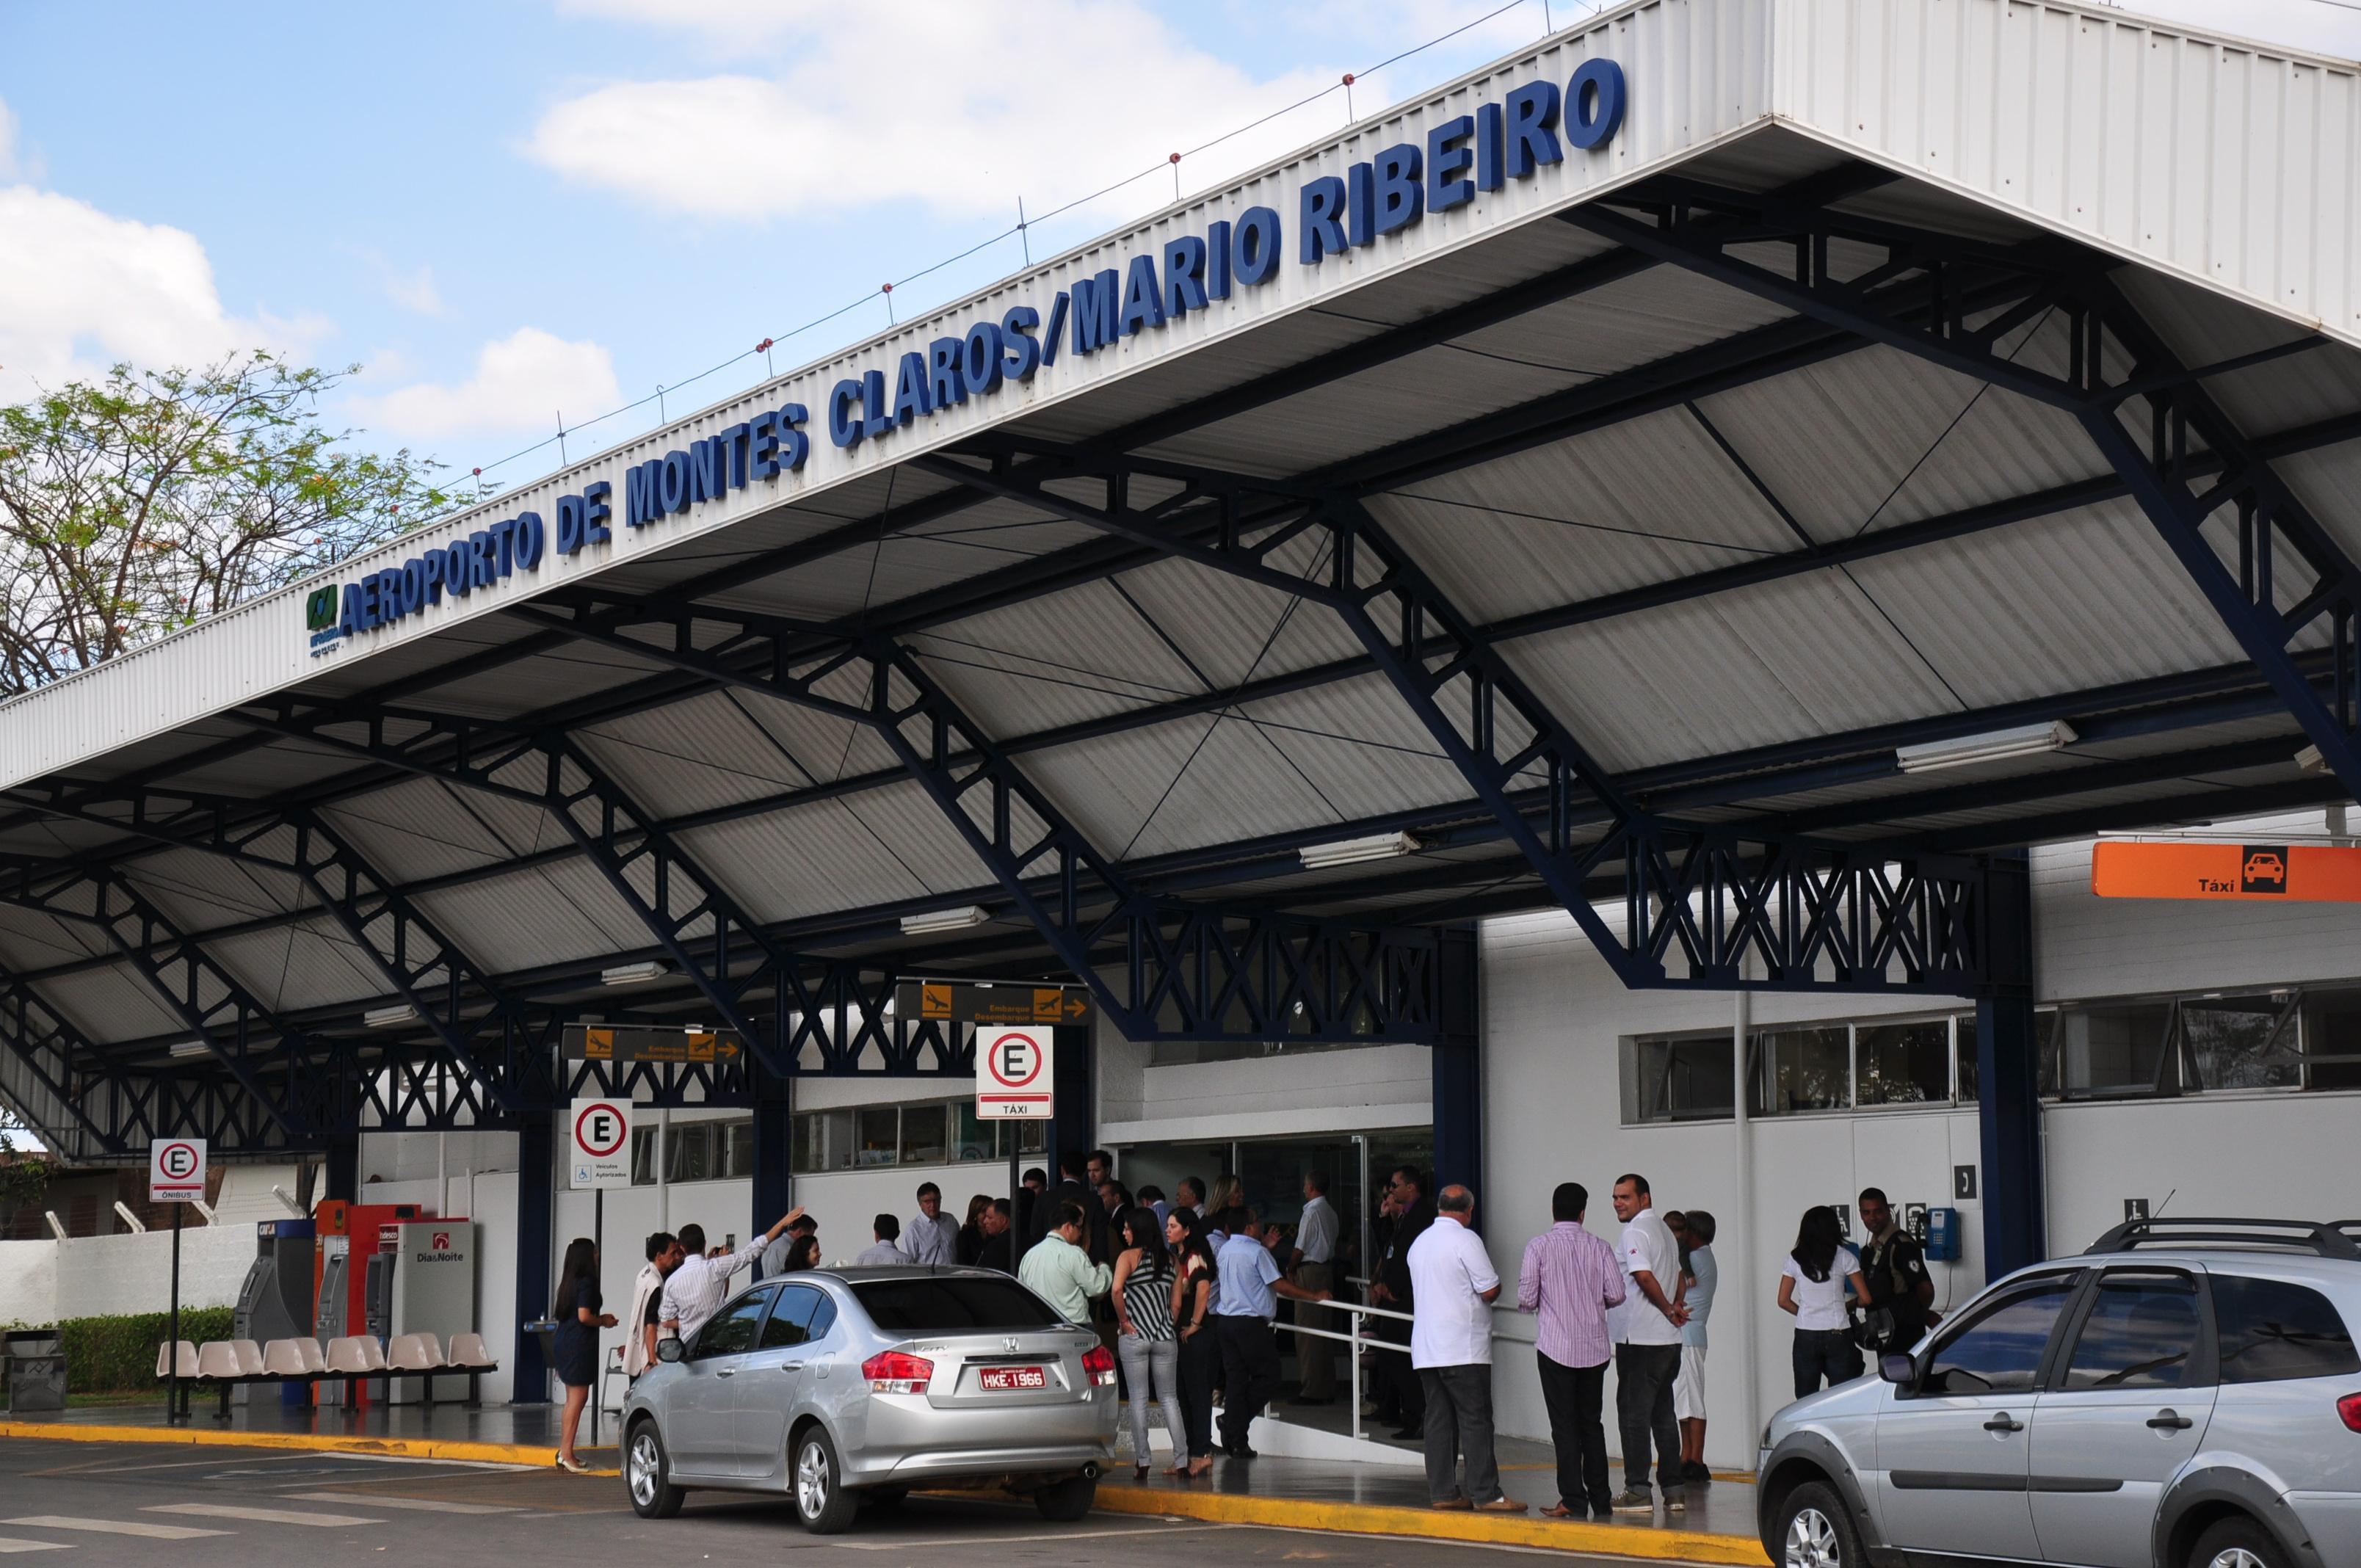 Imagem de destaque Aeroporto de Montes Claros receberá ampliação